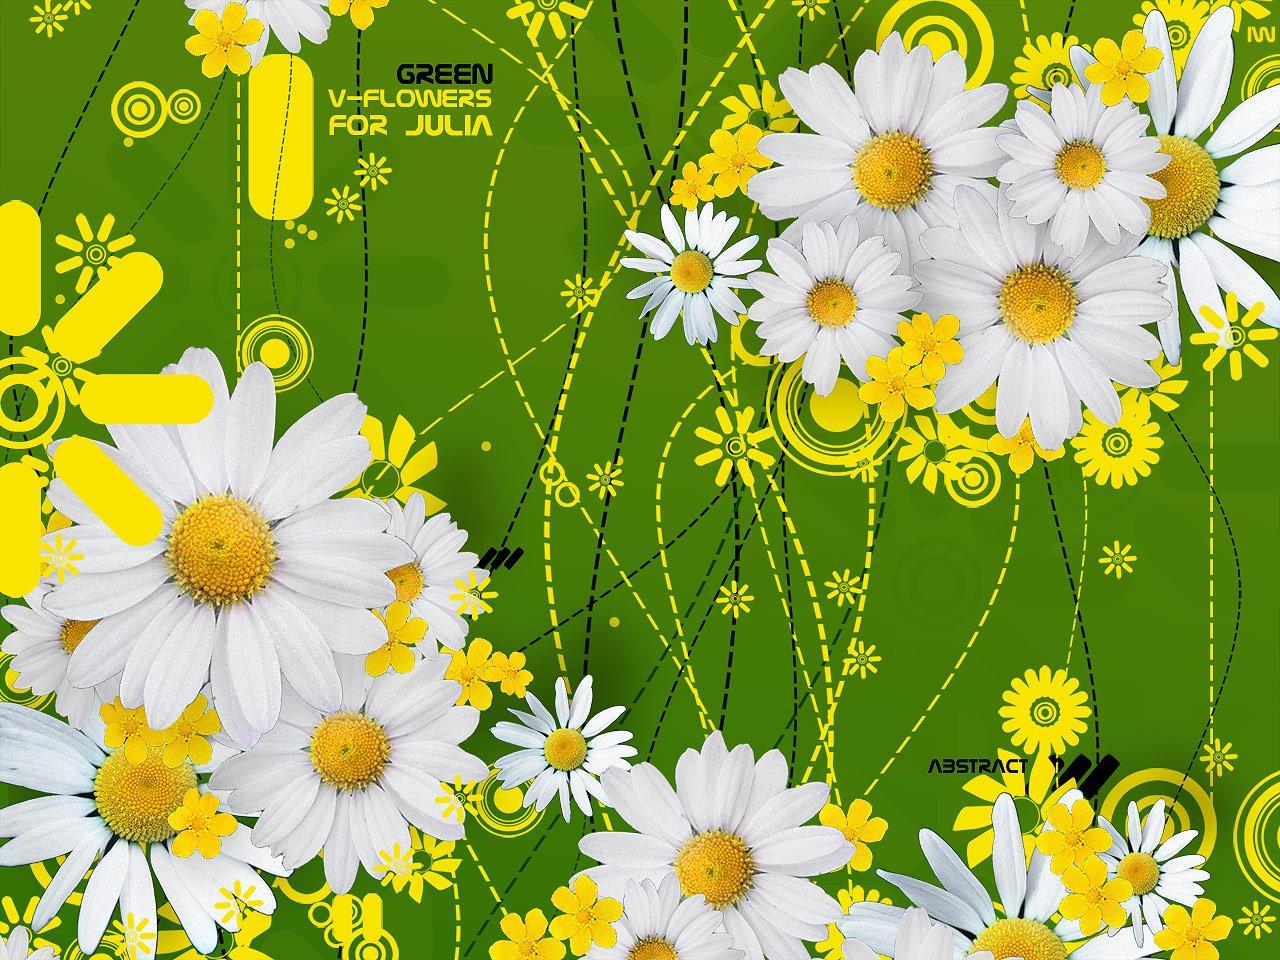 Hd wallpapers 3d art flowers wallpapers - Flower wallpaper 3d pic ...